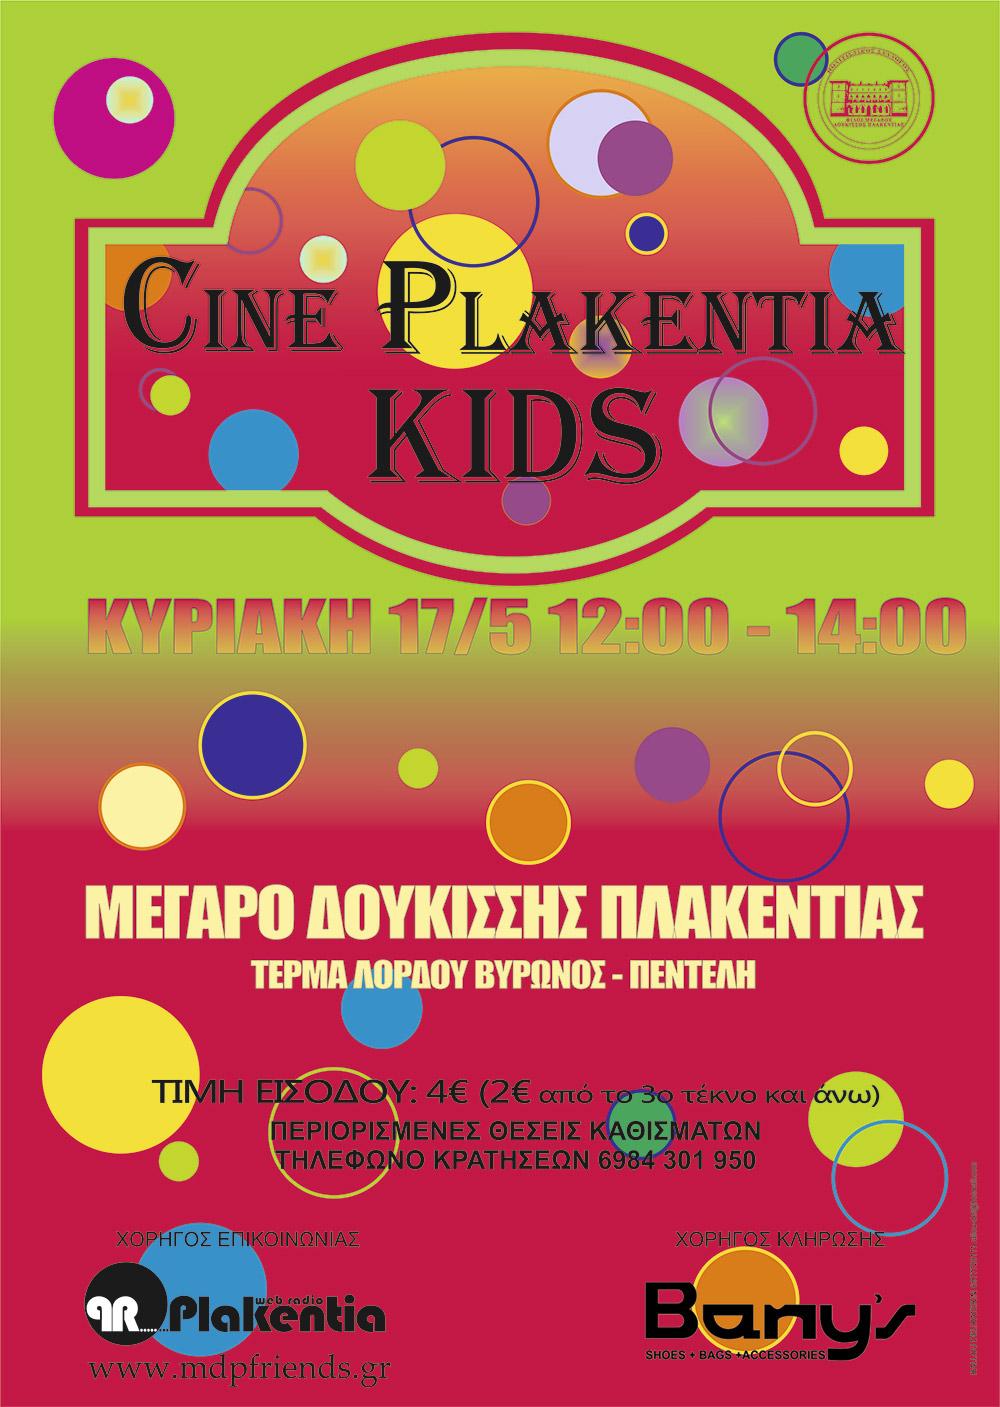 Ταινία για παιδιά 17-05-2015